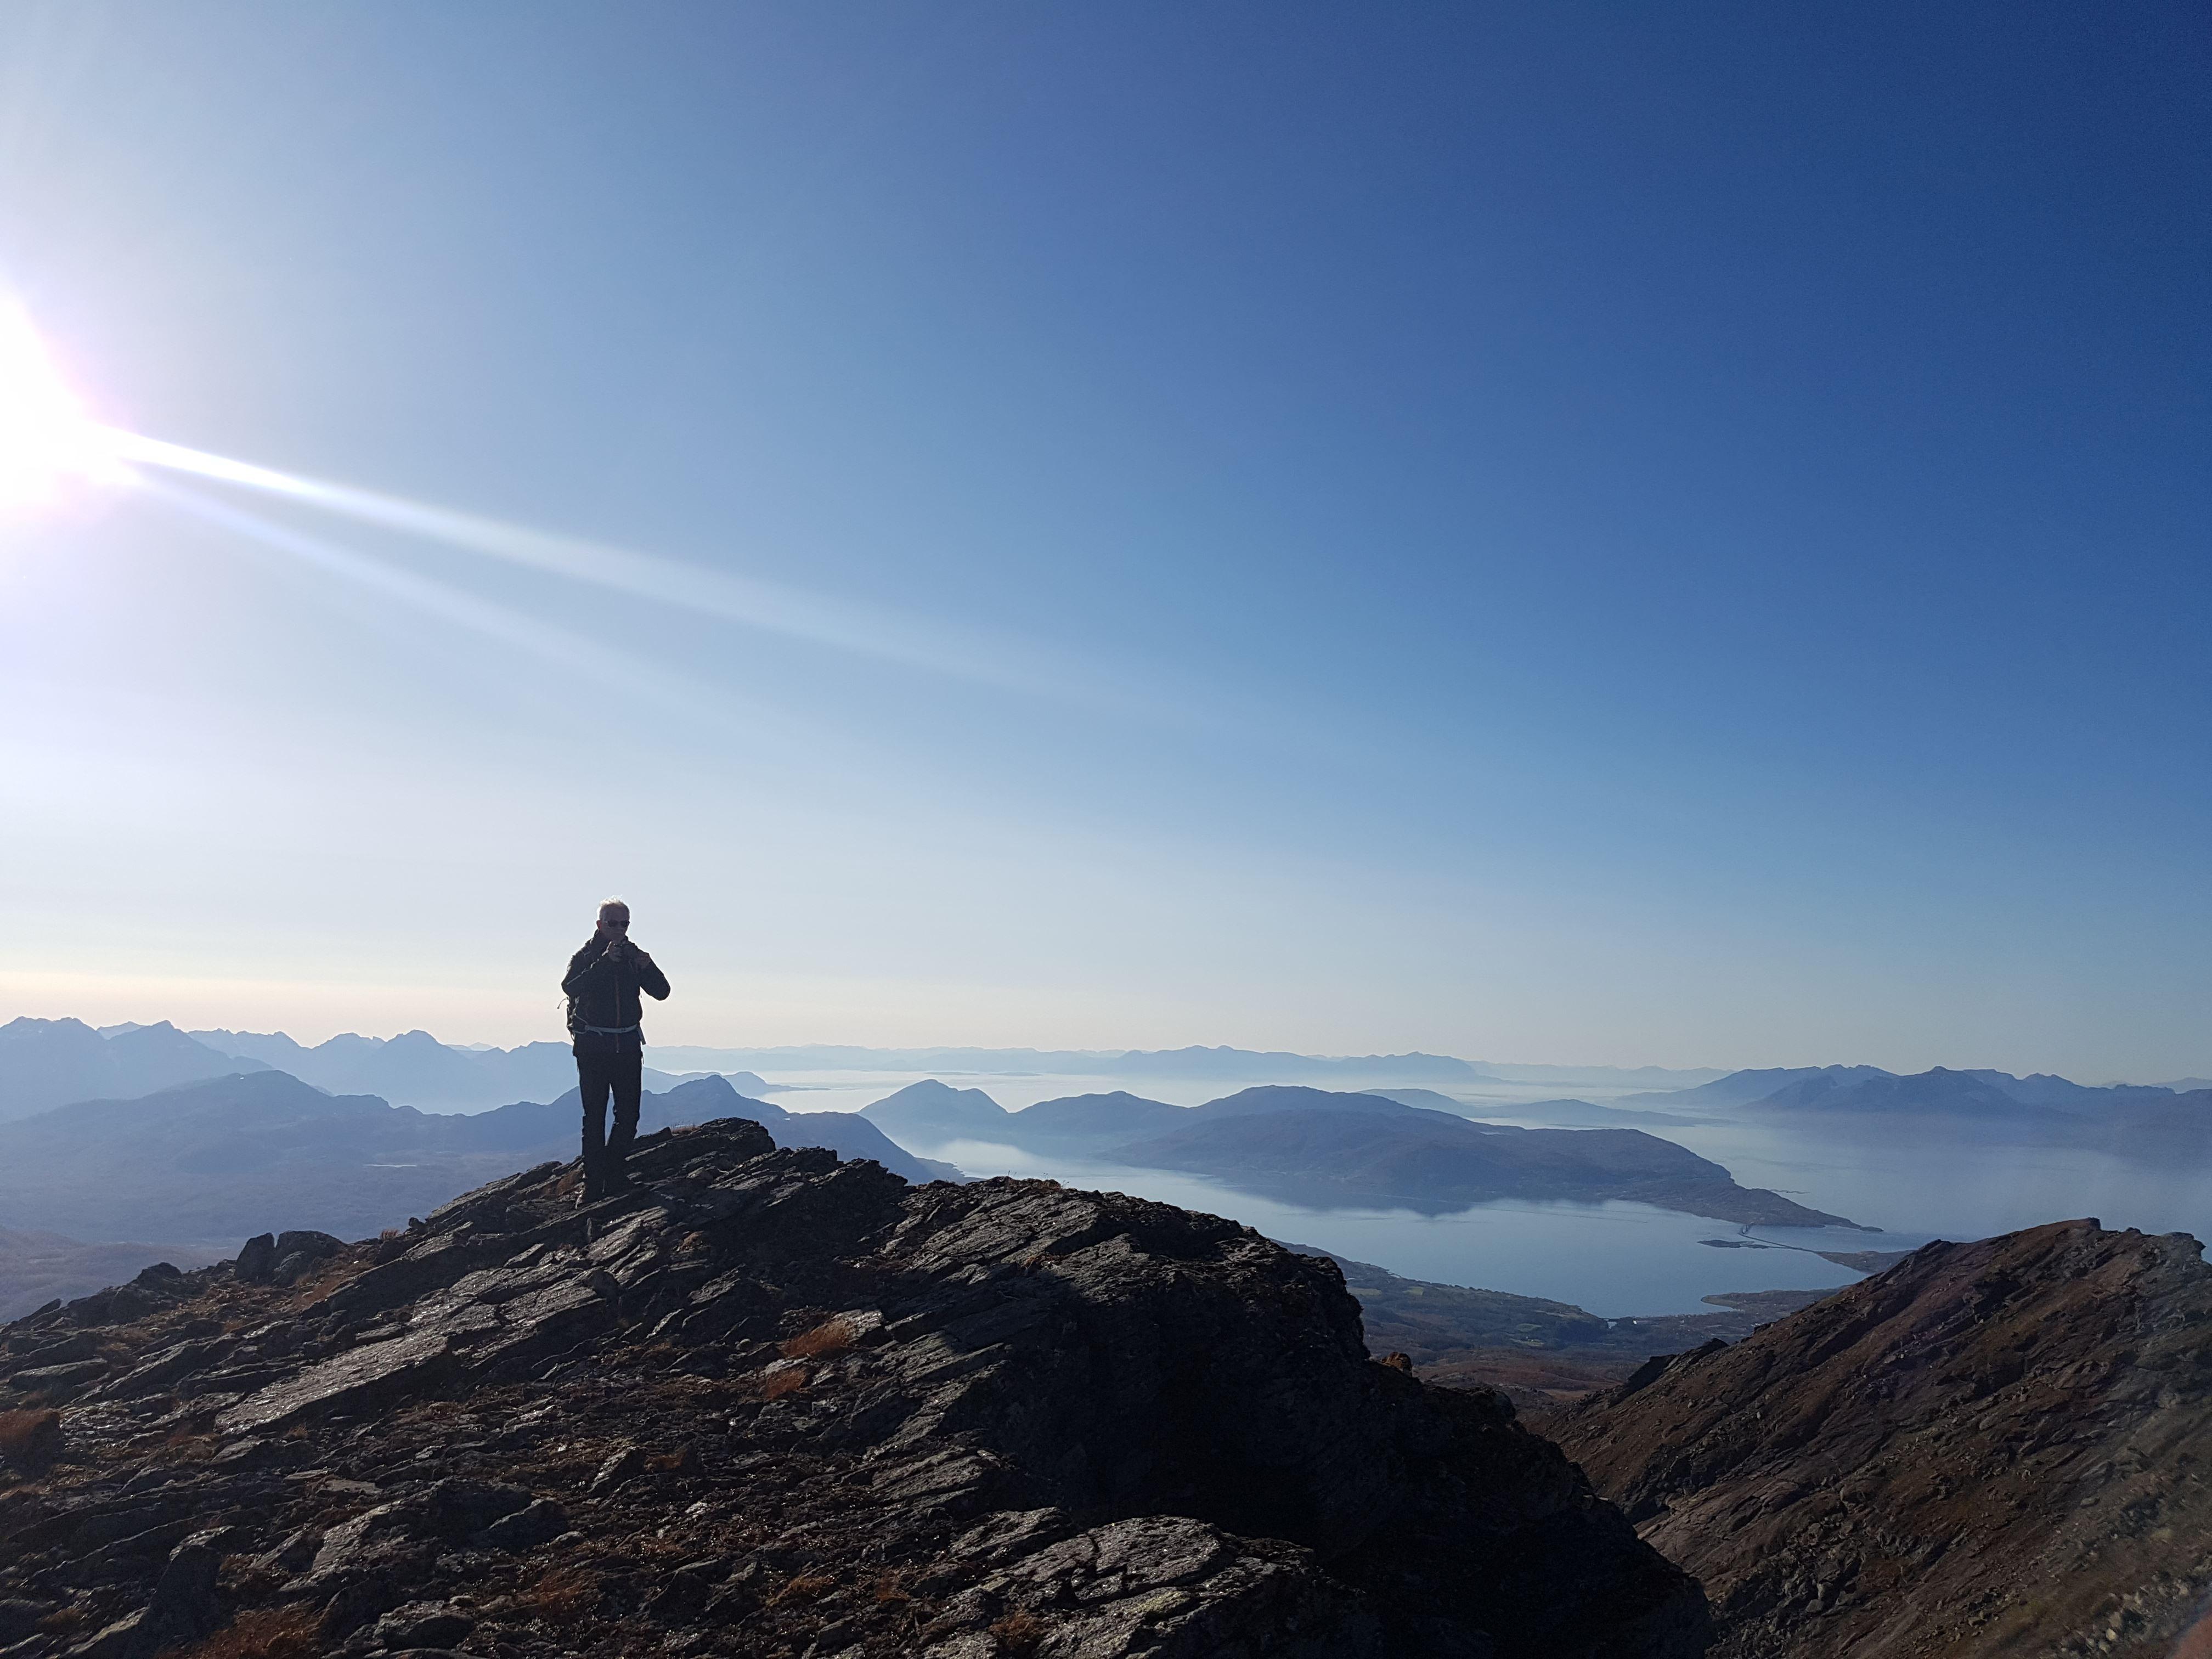 Ragnvald Storvoll, Midt-Troms Friluftsråd